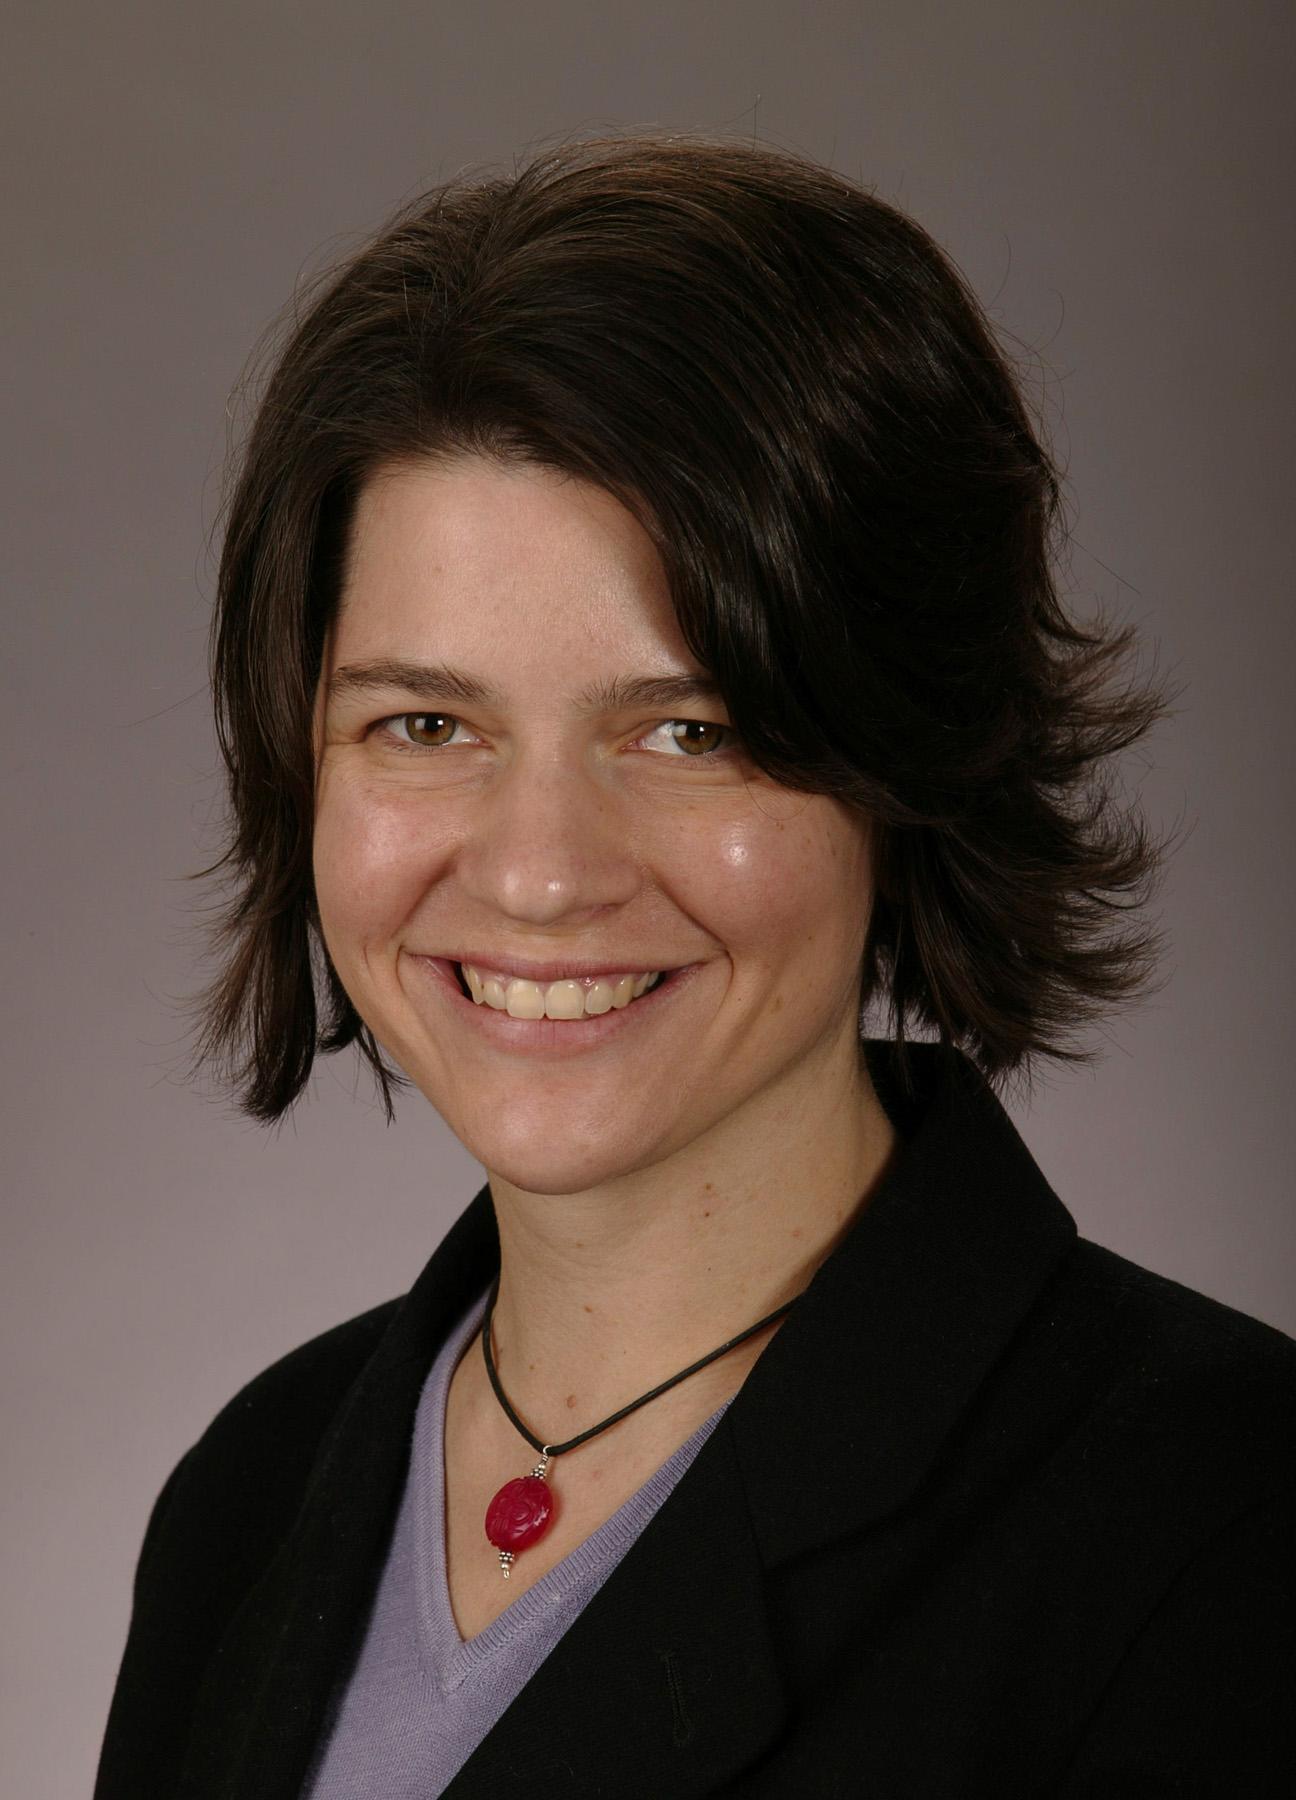 Melissa Mummert